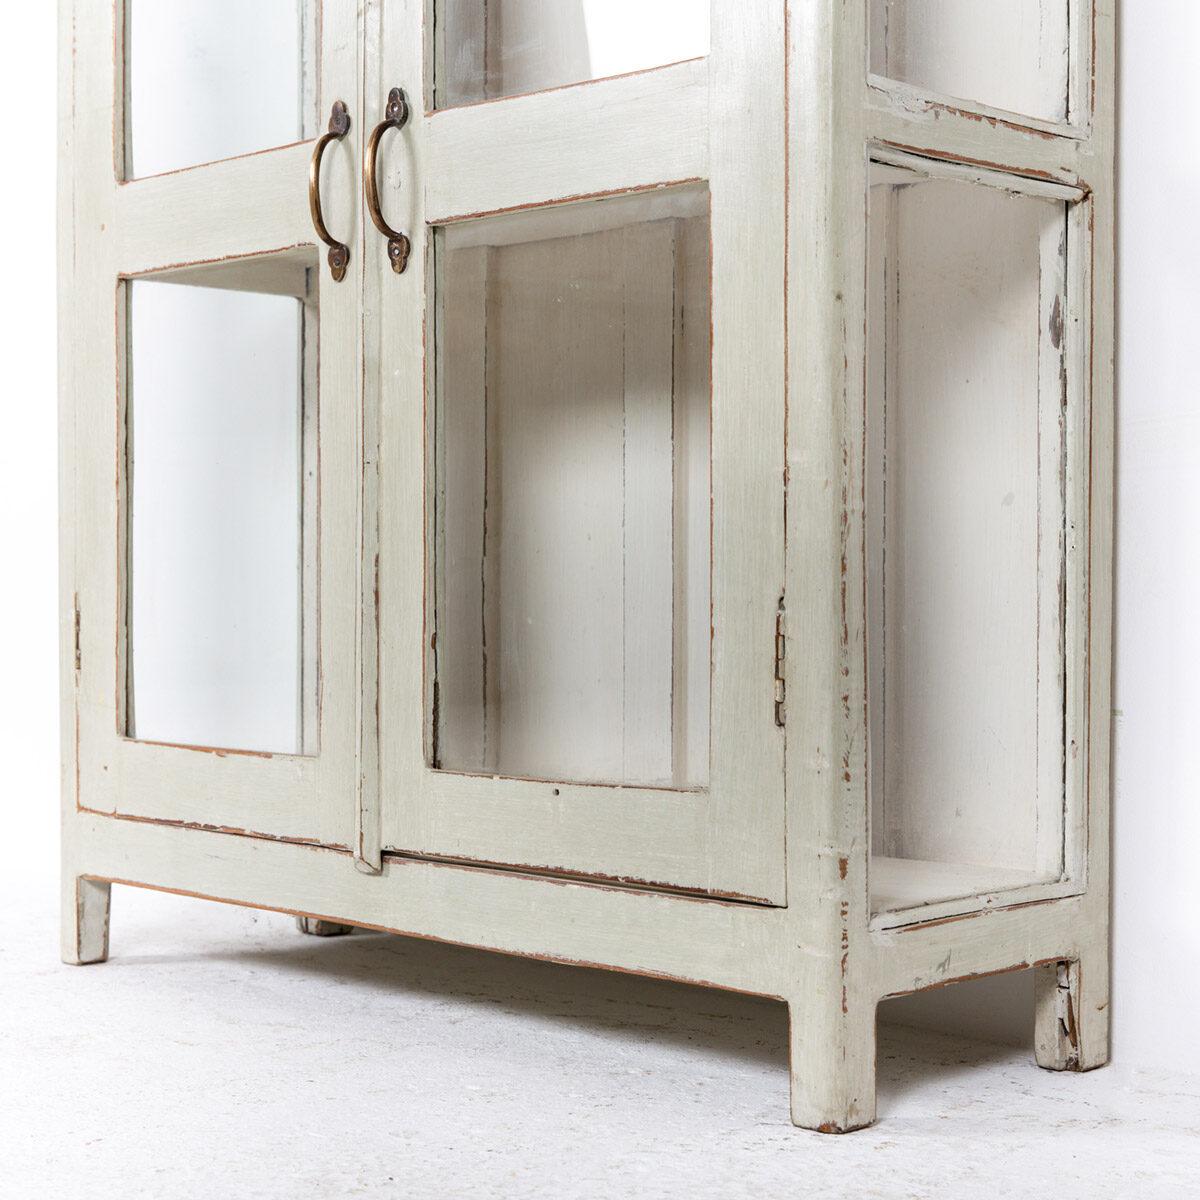 Vitrinekast-2-glazen-deuren-oud-groengrijs-9